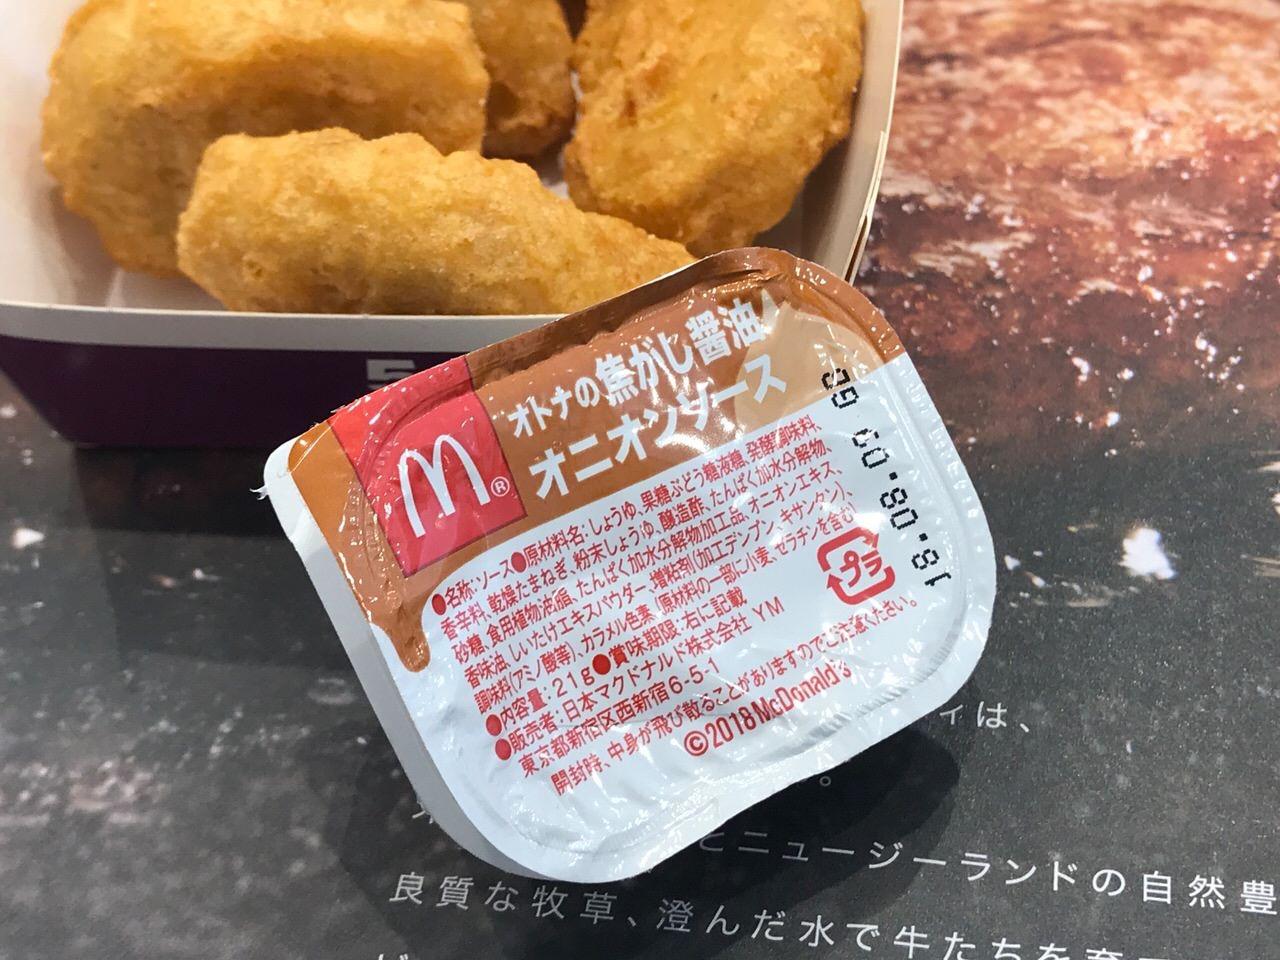 チキンマックナゲット限定ソース「オトナの焦がし醤油オニオンソース」